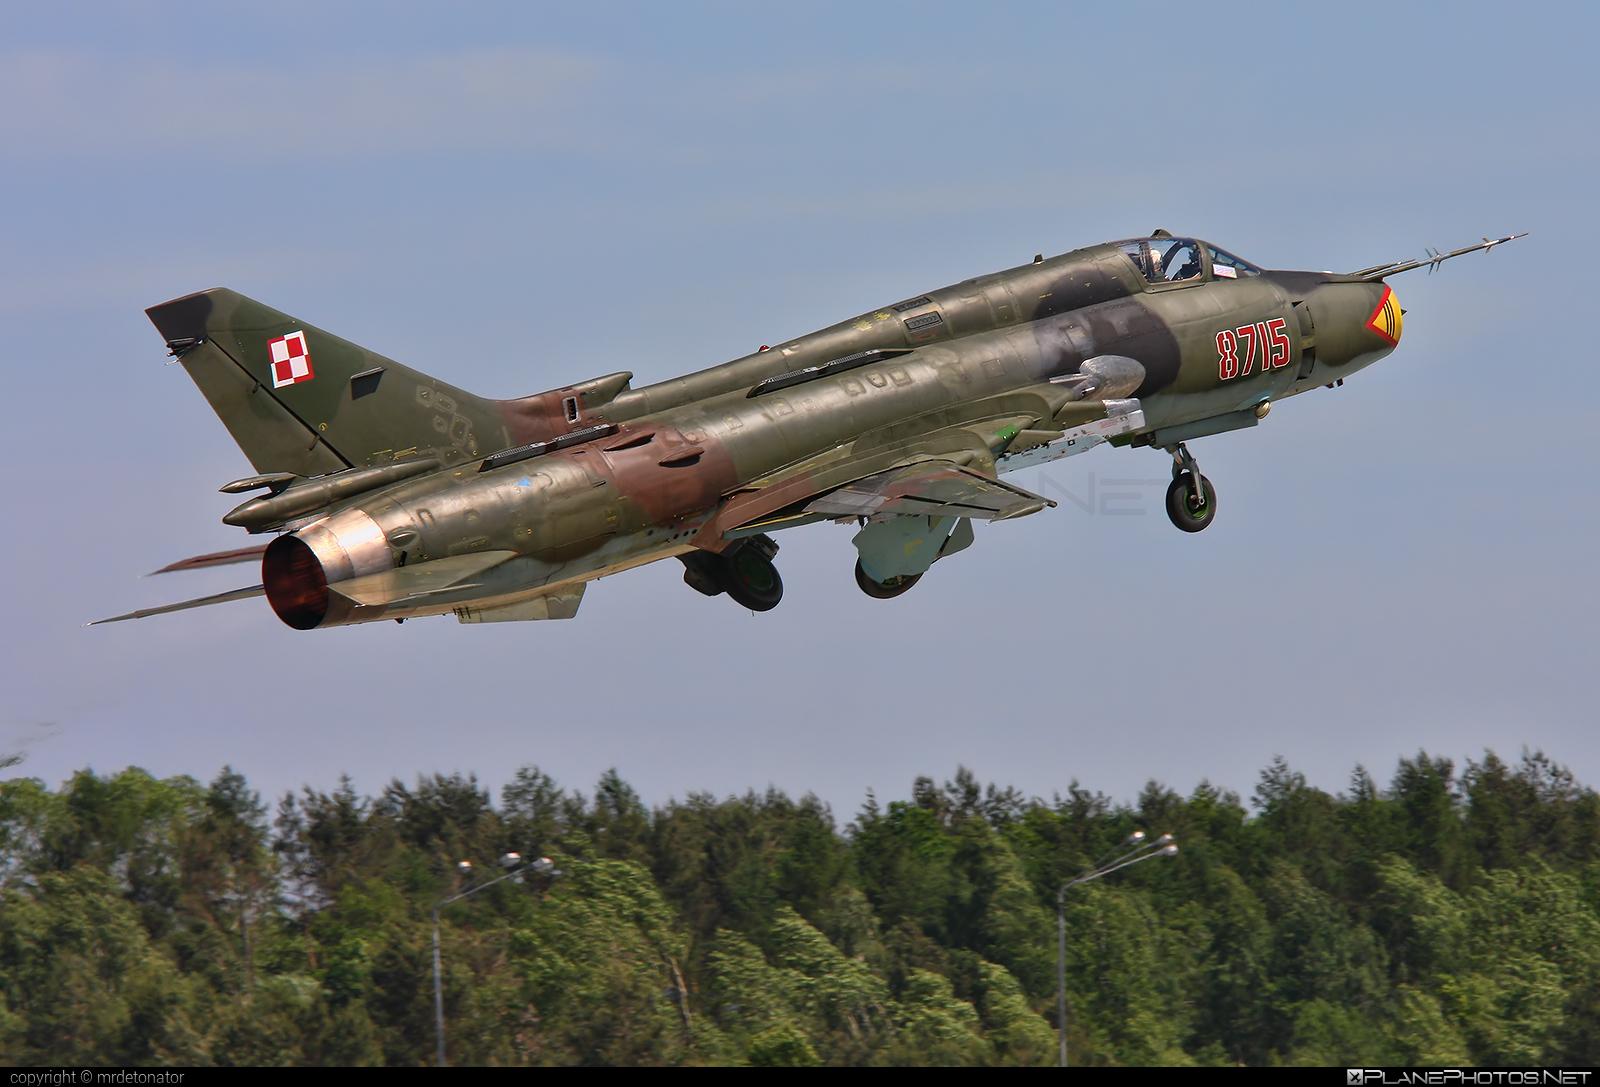 Sukhoi Su-22M4 - 8715 operated by Siły Powietrzne Rzeczypospolitej Polskiej (Polish Air Force) #polishairforce #silypowietrzne #sukhoi